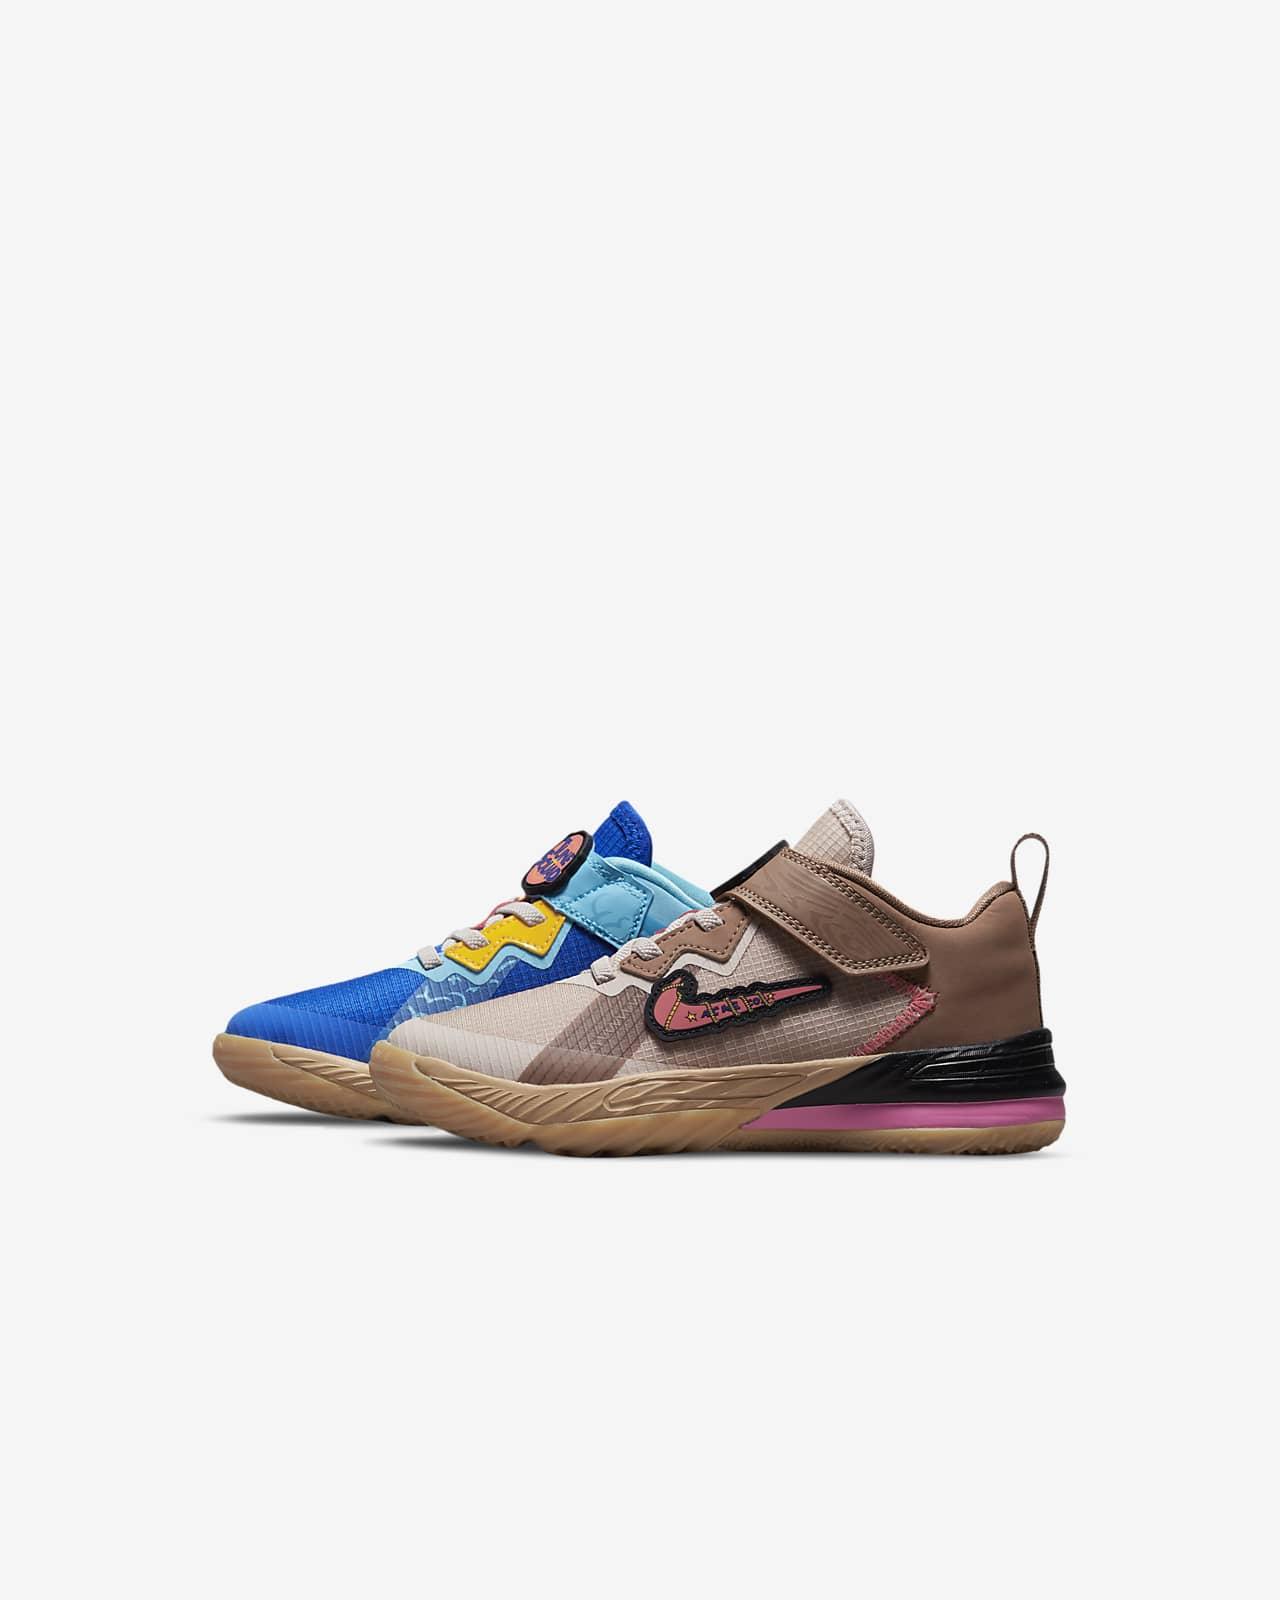 LeBron 18 Low 'Wile E. vs Roadrunner' Little Kids' Shoes